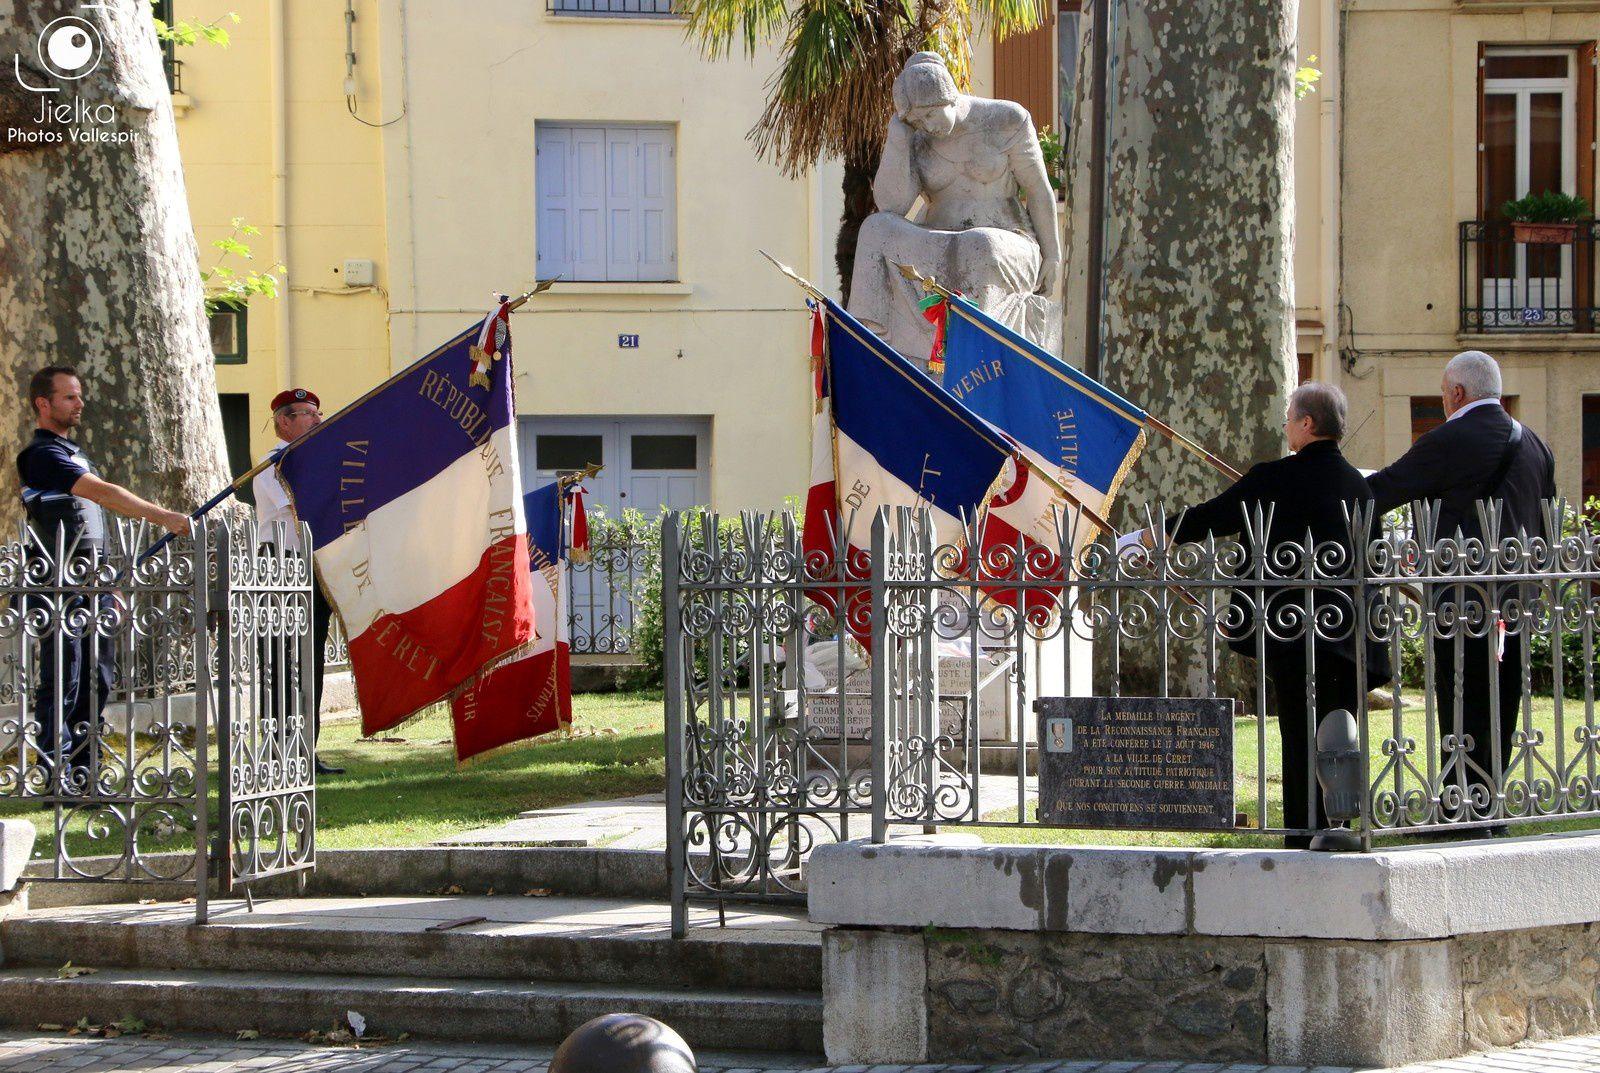 CÉRET, COMMÉMORATION DE LA FIN DE LA GUERRE D'INDOCHINE